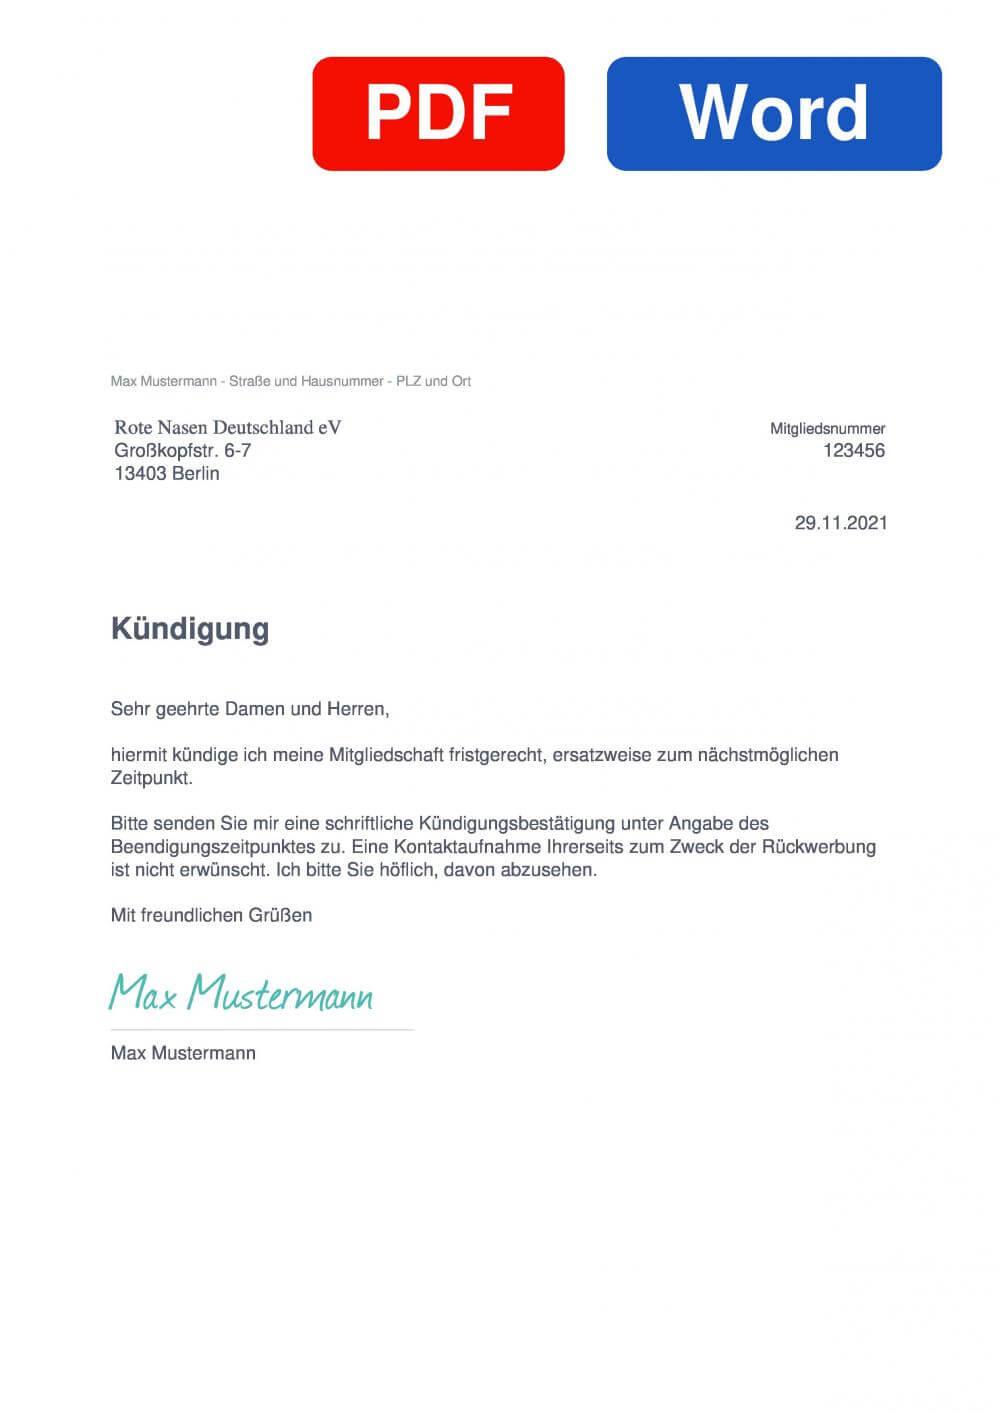 Rote Nasen Deutschland  Muster Vorlage für Kündigungsschreiben